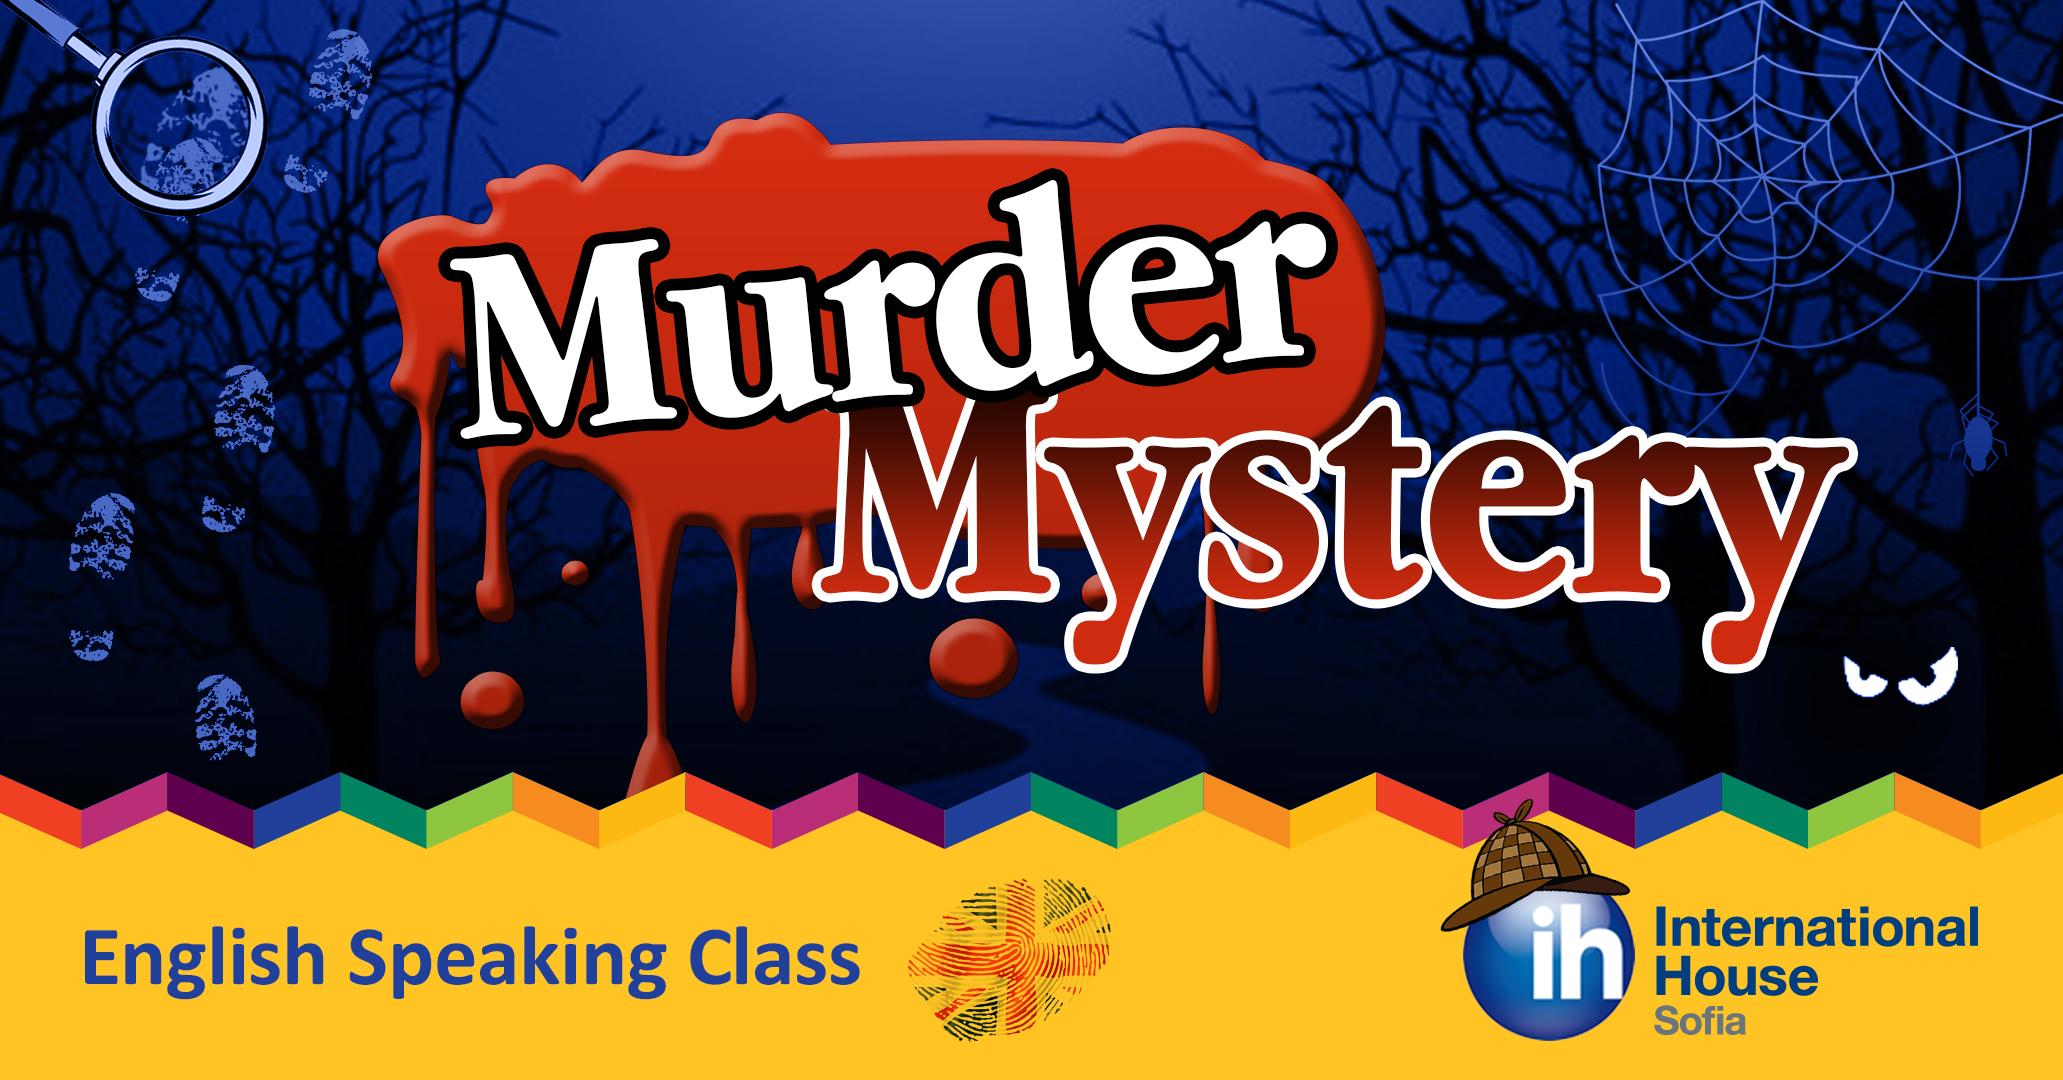 Murder Mystery - English Speaking Class Направете специален Коледен подарък за вас и любимите ви хора. Станете част от едно убийствено английско парти!